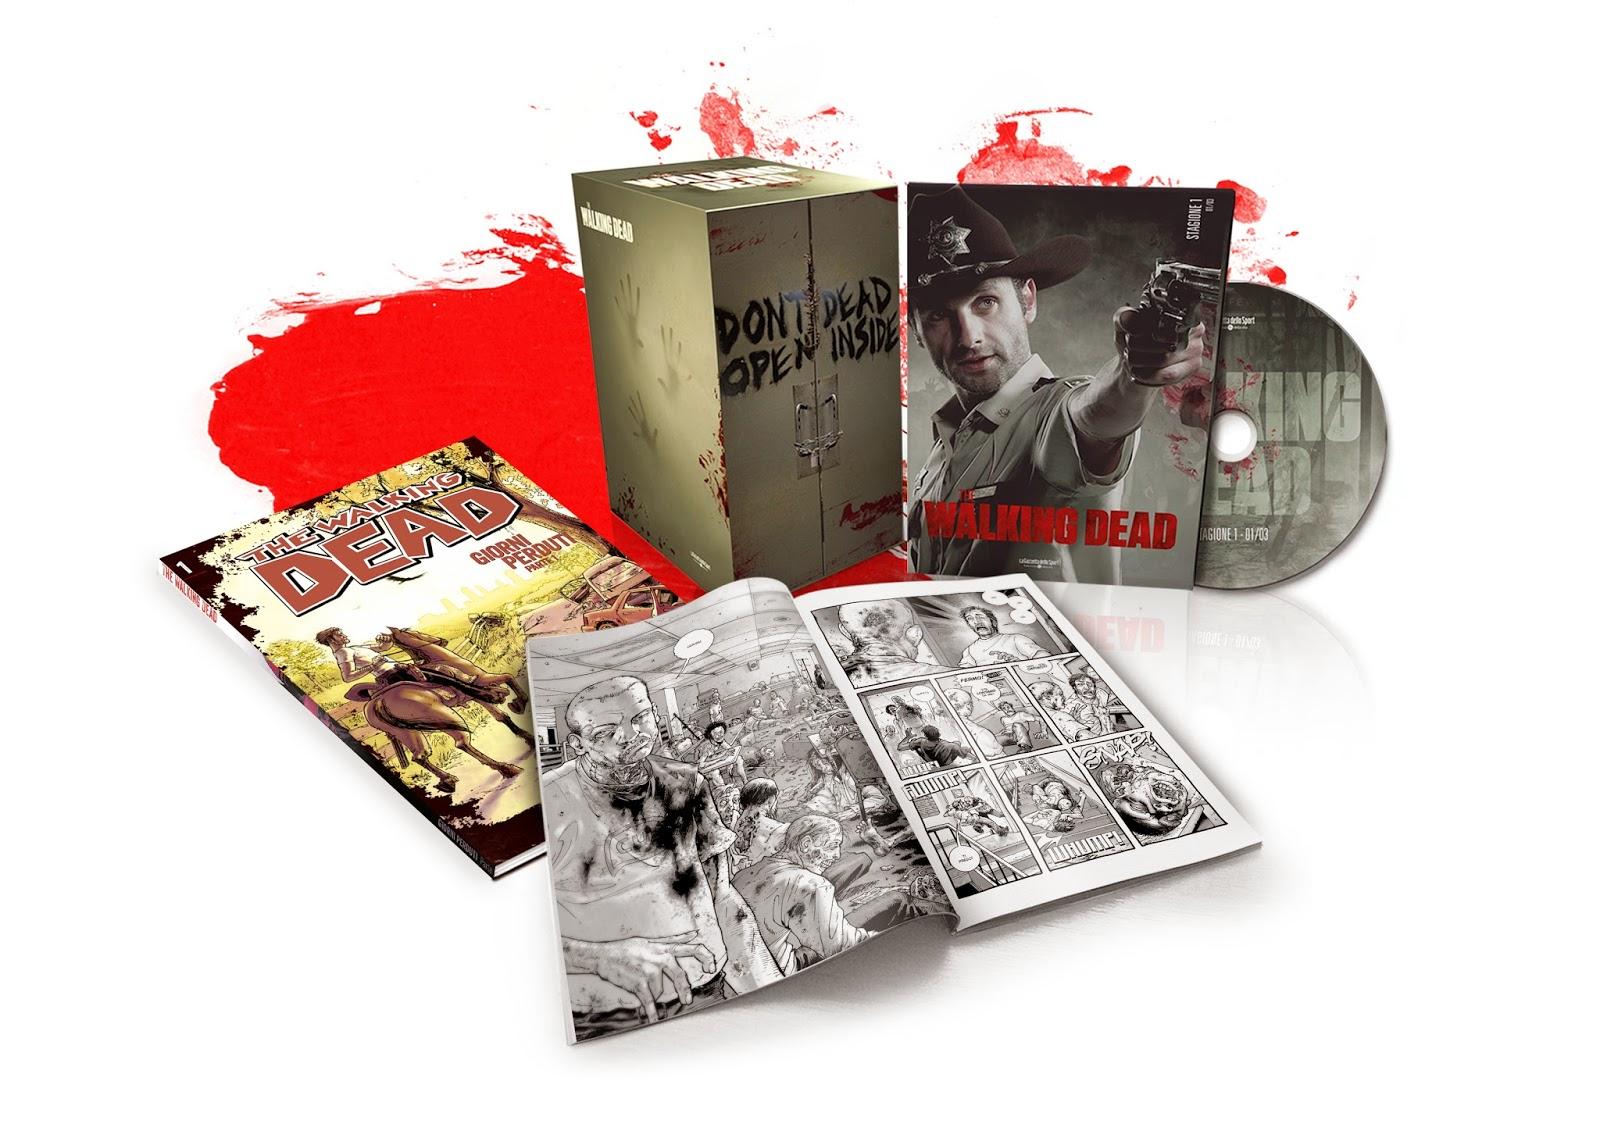 THE WALKING DEAD I DVD DELLA SERIE TV E IL FUMETTO IN EDICOLA CON LA GAZZETTA DELLO SPORT